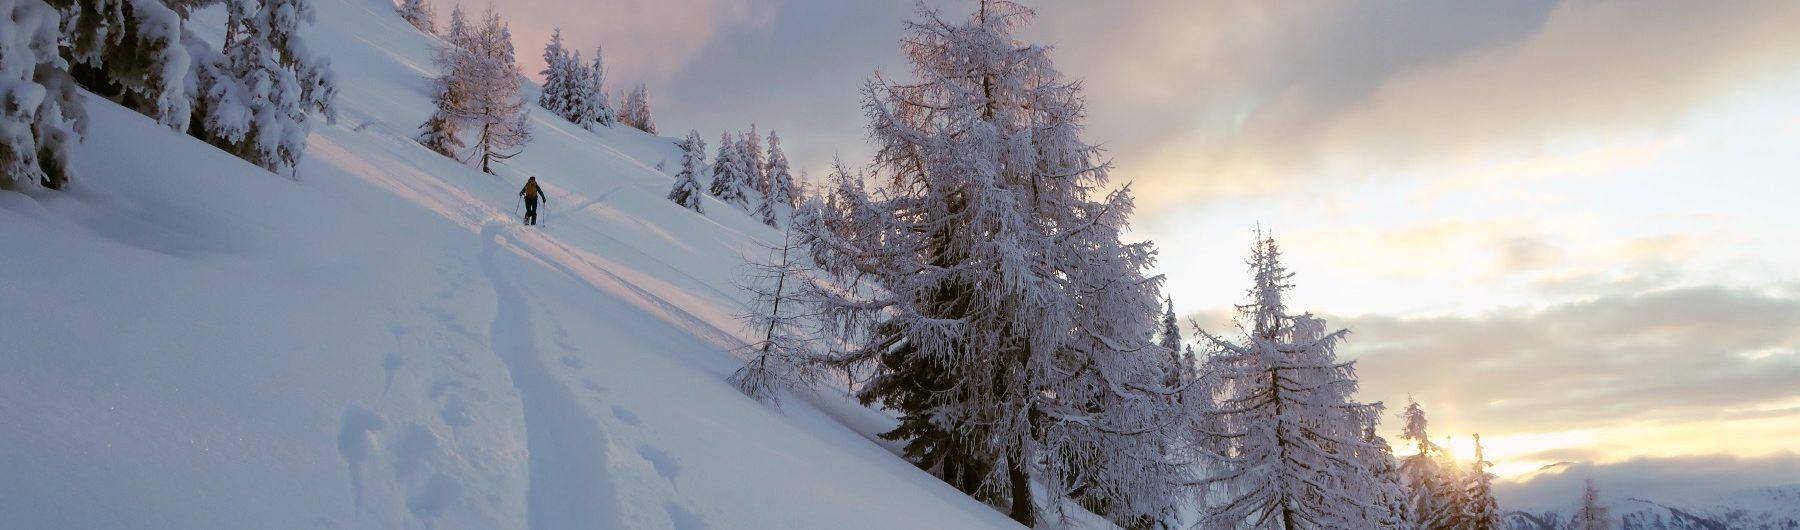 Erlebe traumhafte Skitouren-Geheimtipps in der Steiermark